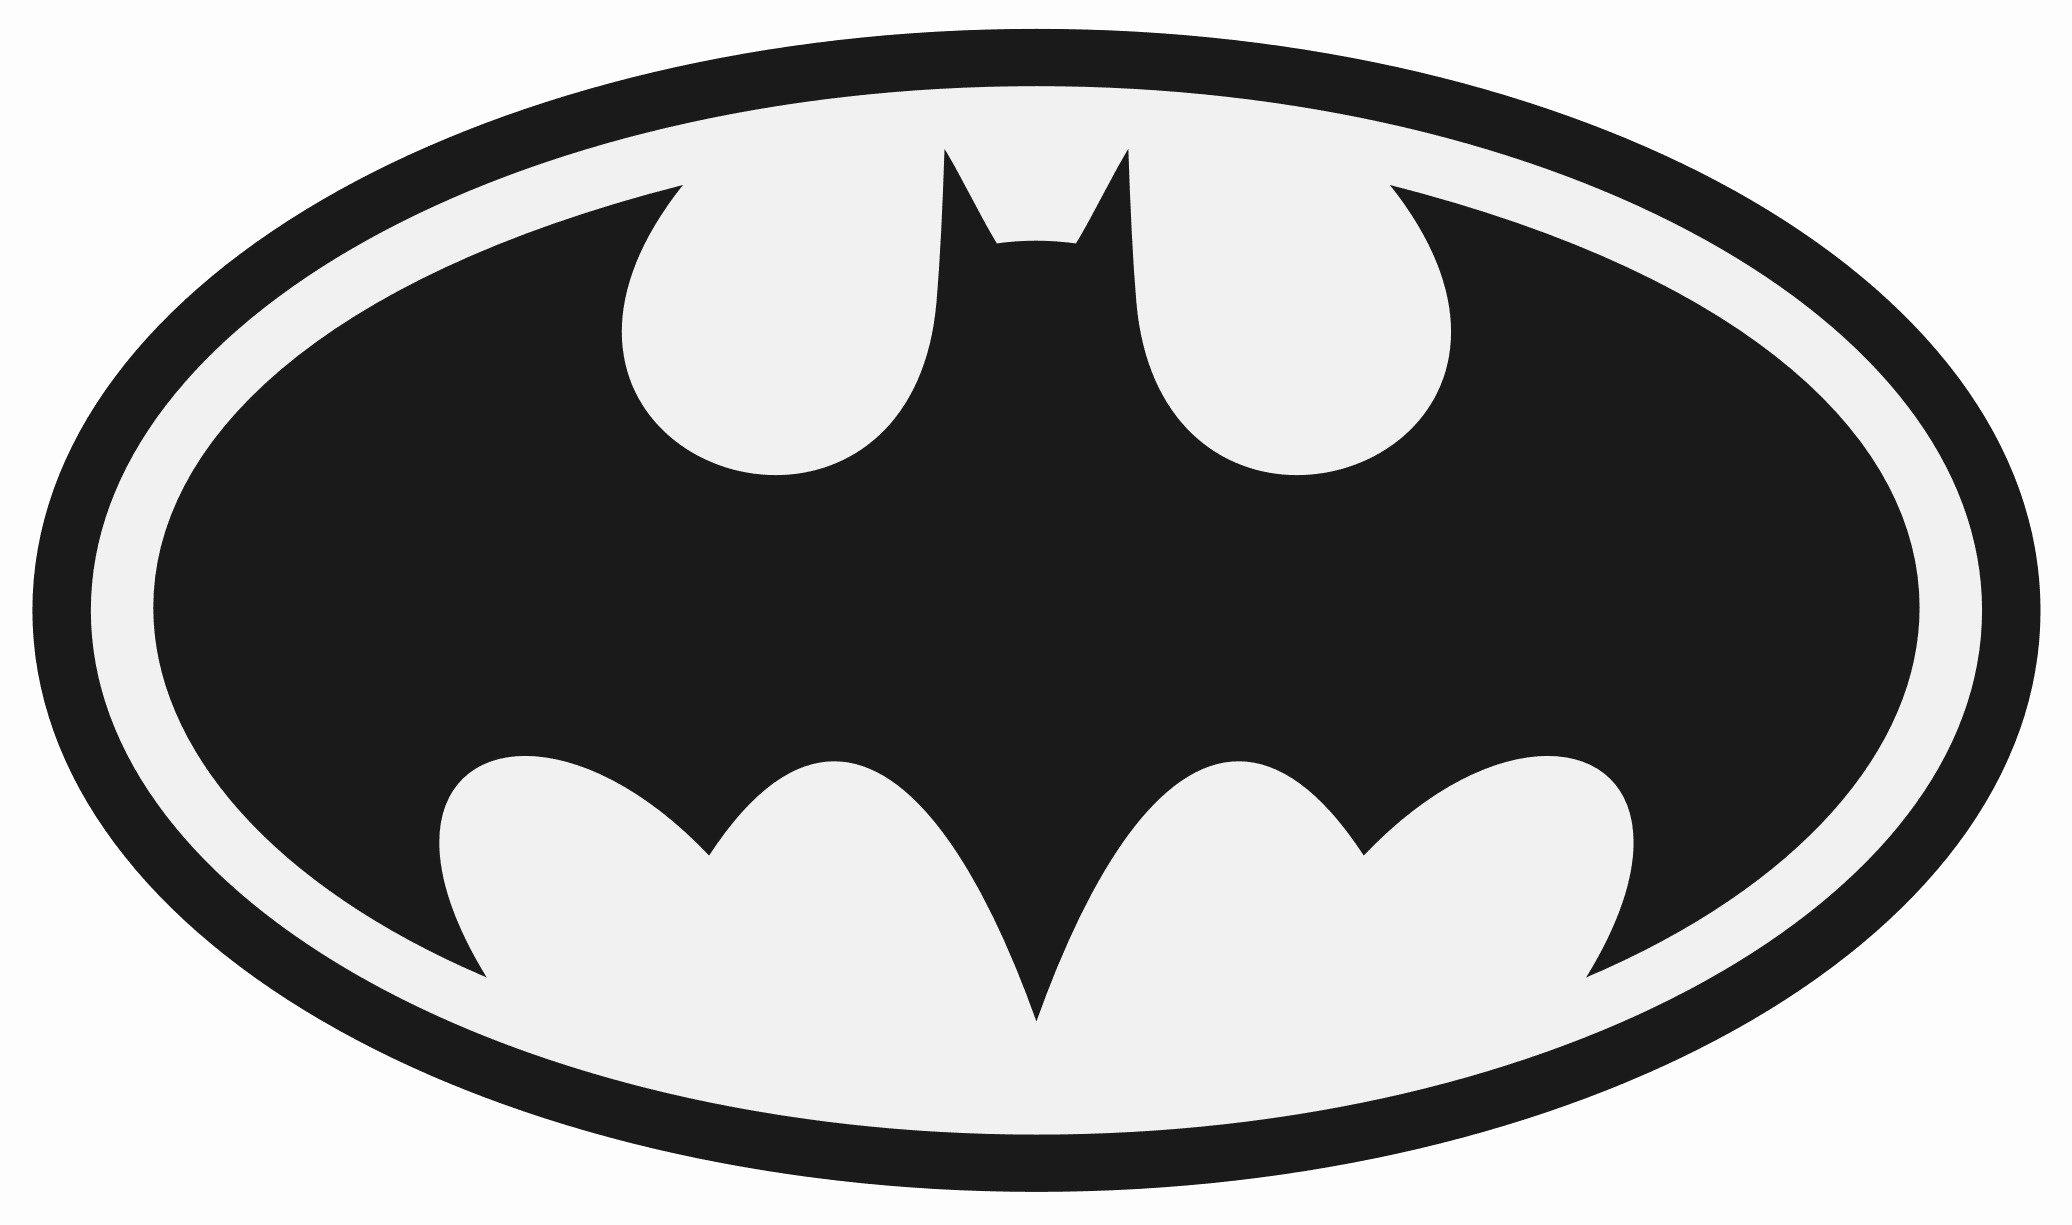 Batman Pumpkin Carving Stencils Lovely Batman Symbol Pumpkin Free Download Clip Art